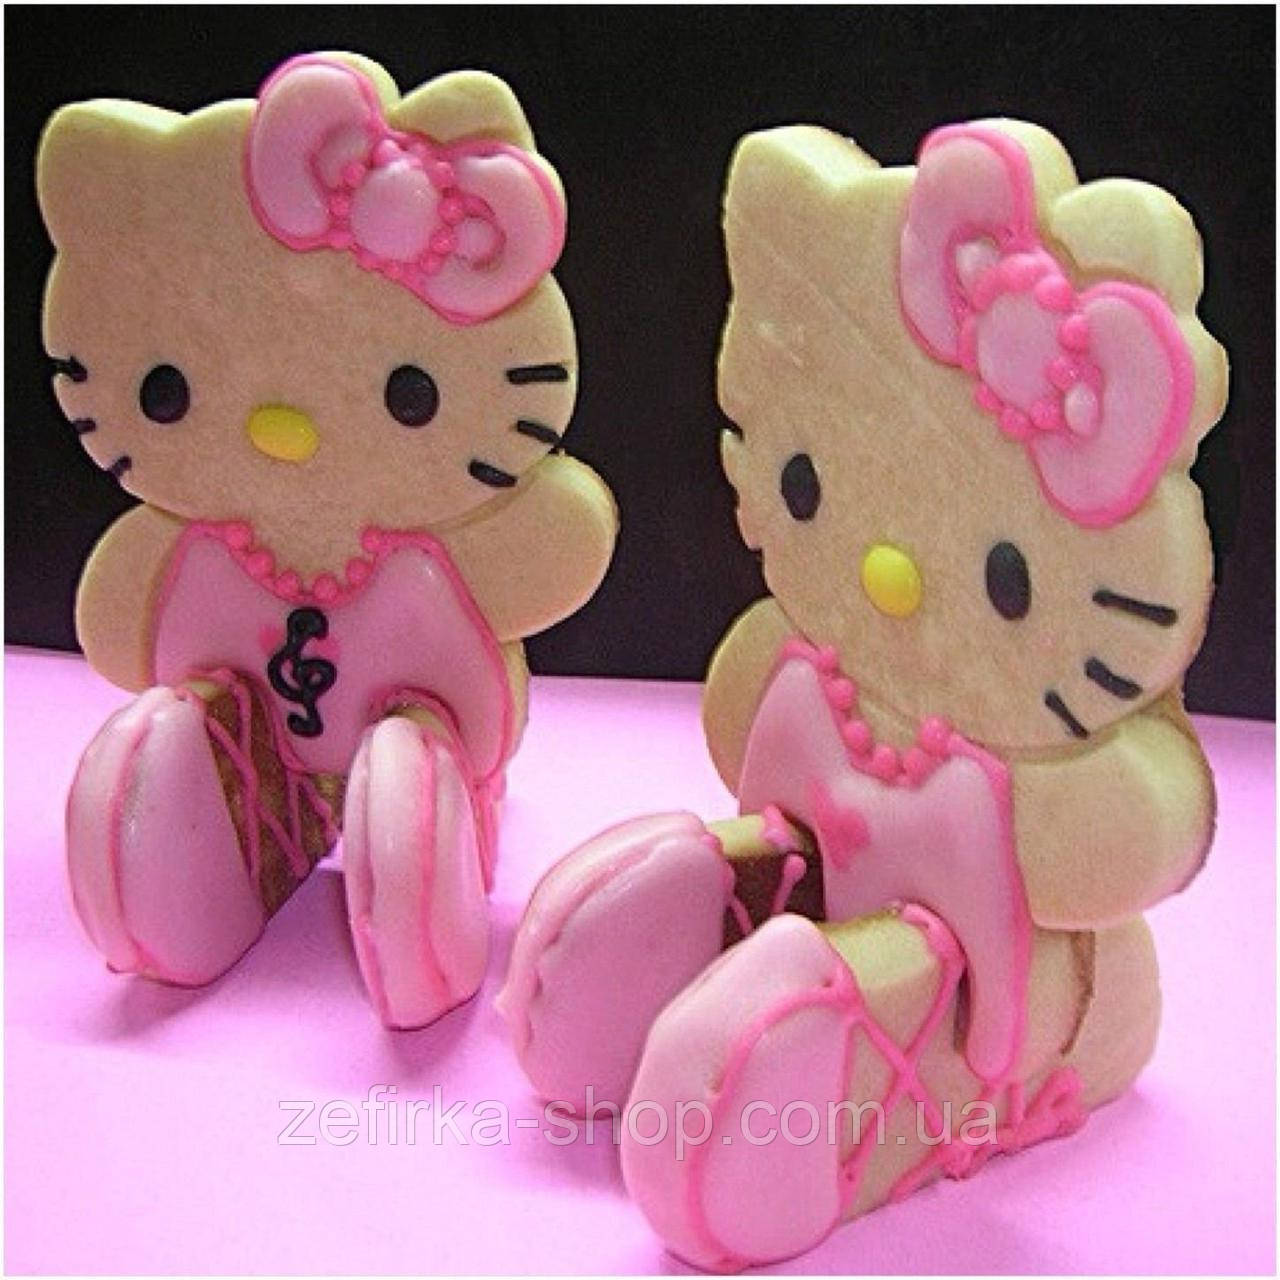 Вырубка для пряников Hello Kitty,  Кити